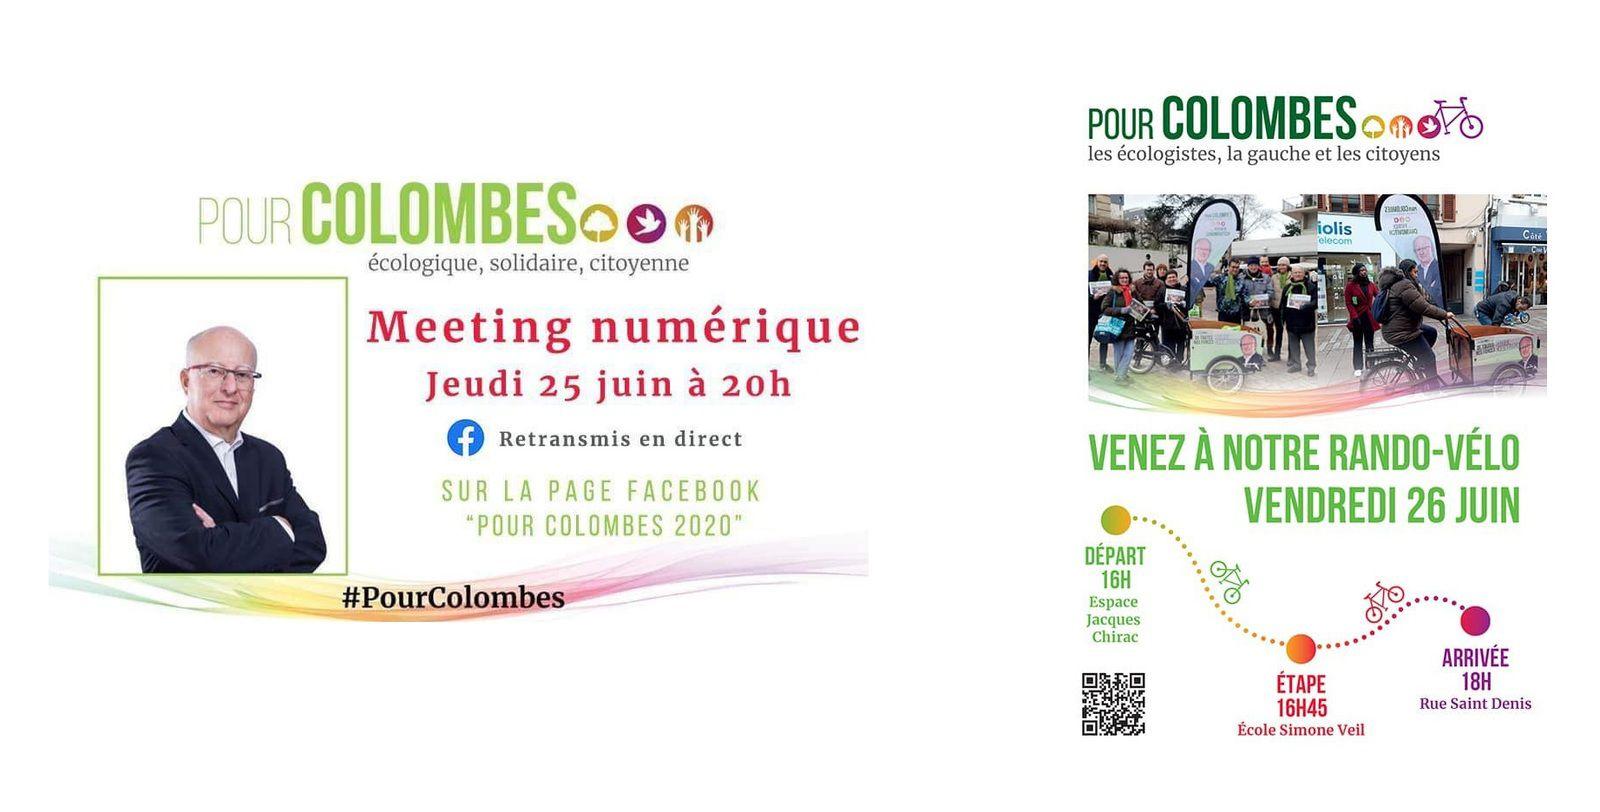 1er Meeting numérique sur Colombes jeudi 25 juin 20h et RANDO vélo vendredi 26 de 16h à 18h avec Patrick CHAIMOVITCH et la liste #PourColombes